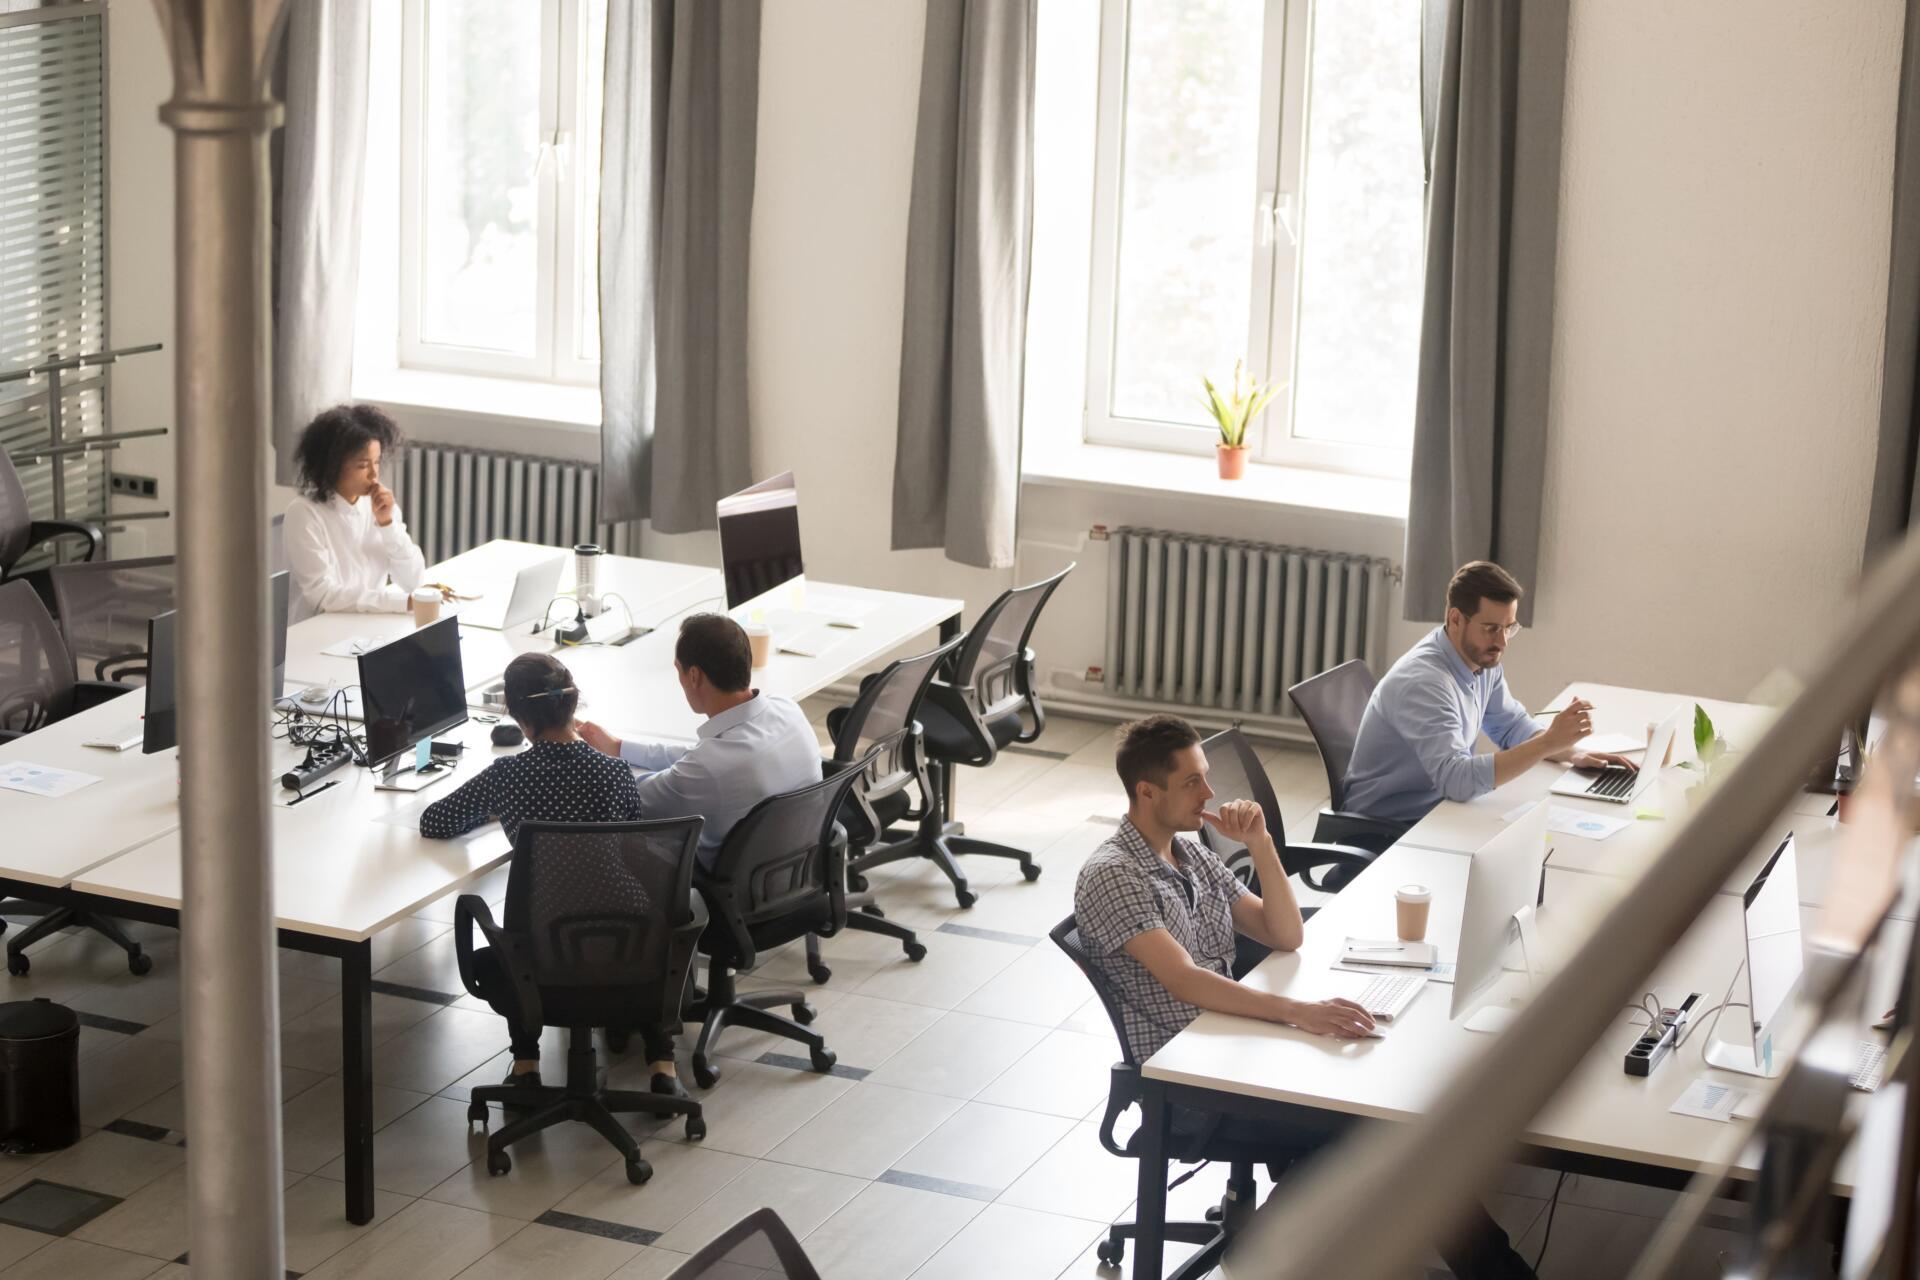 vantaggi ufficio condiviso